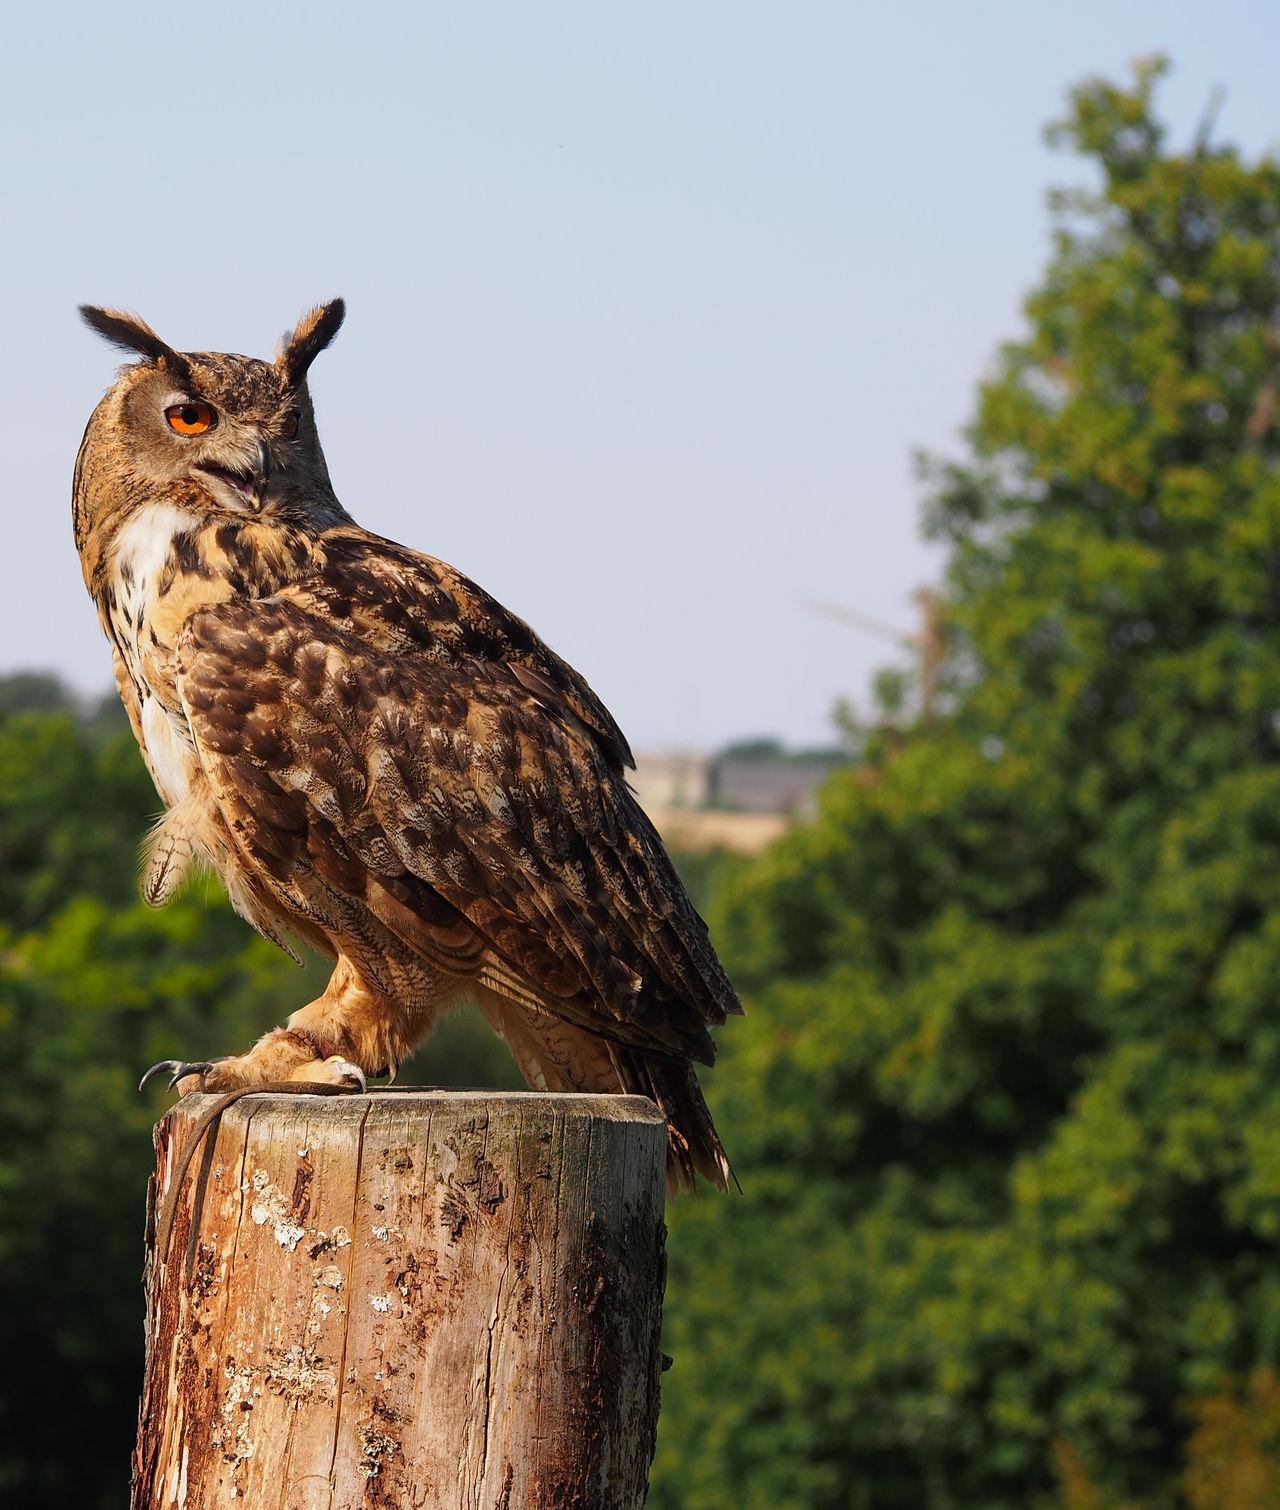 Beauty In Nature Bird In Captivity Bird Of Prey Nature Show Tawny Tawny Owl Wildlife